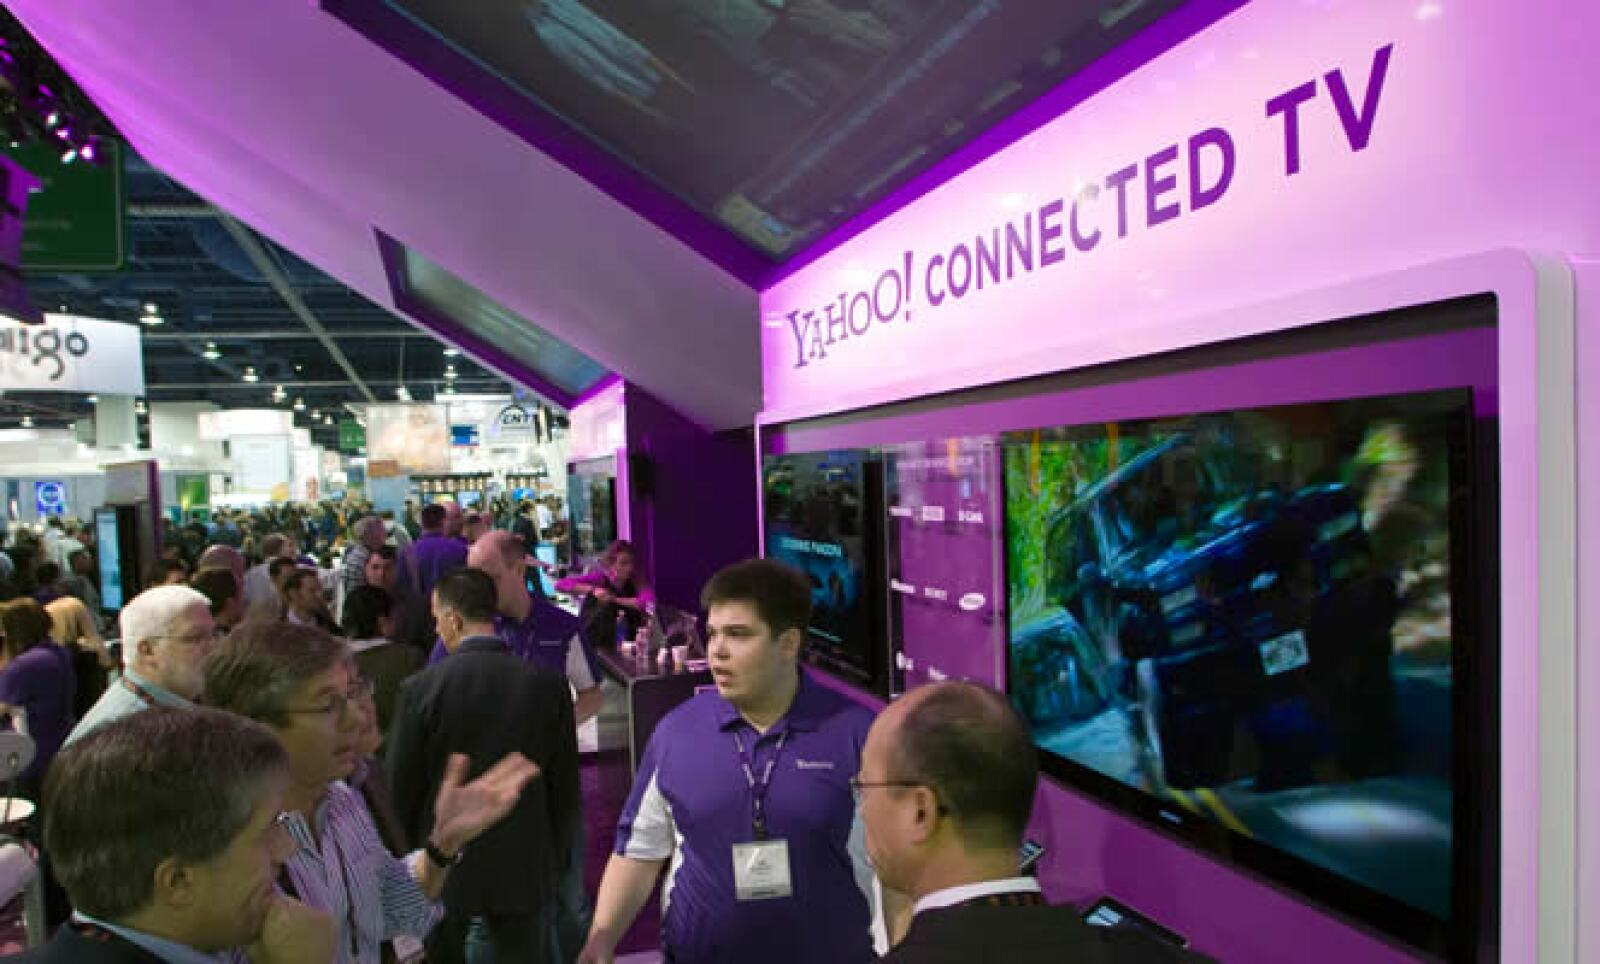 Un ejecutivo de Yahoo hace una demostración del Yahoo Connected TV, un producto que permite conectar la televisión con Internet.